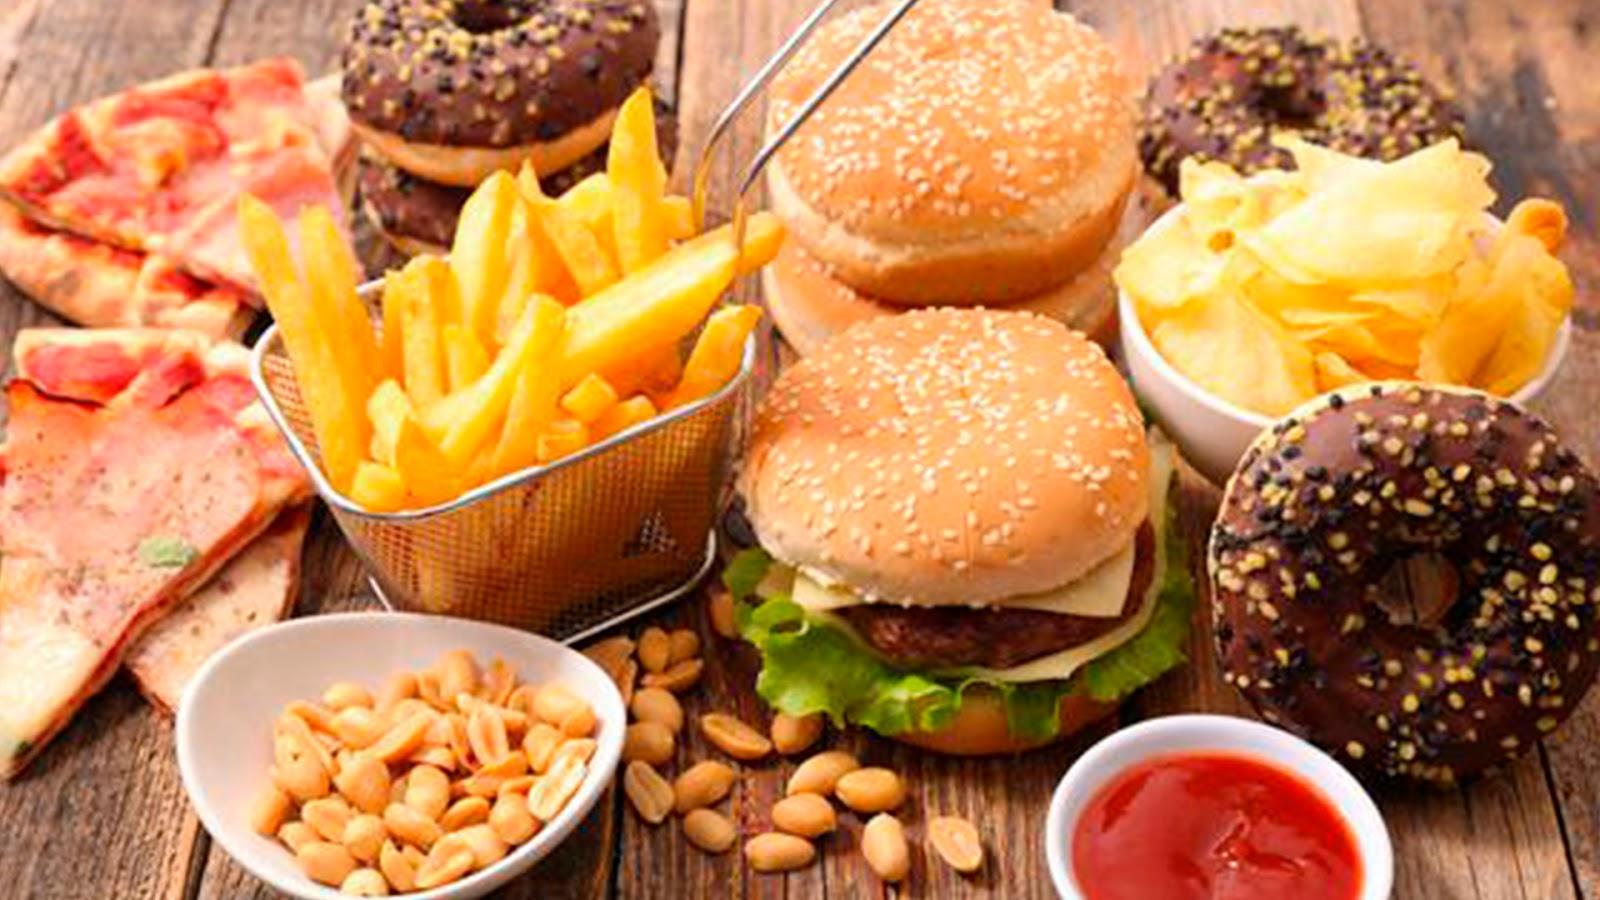 Científicos descubren fórmula para comer grasas sin engordar por error